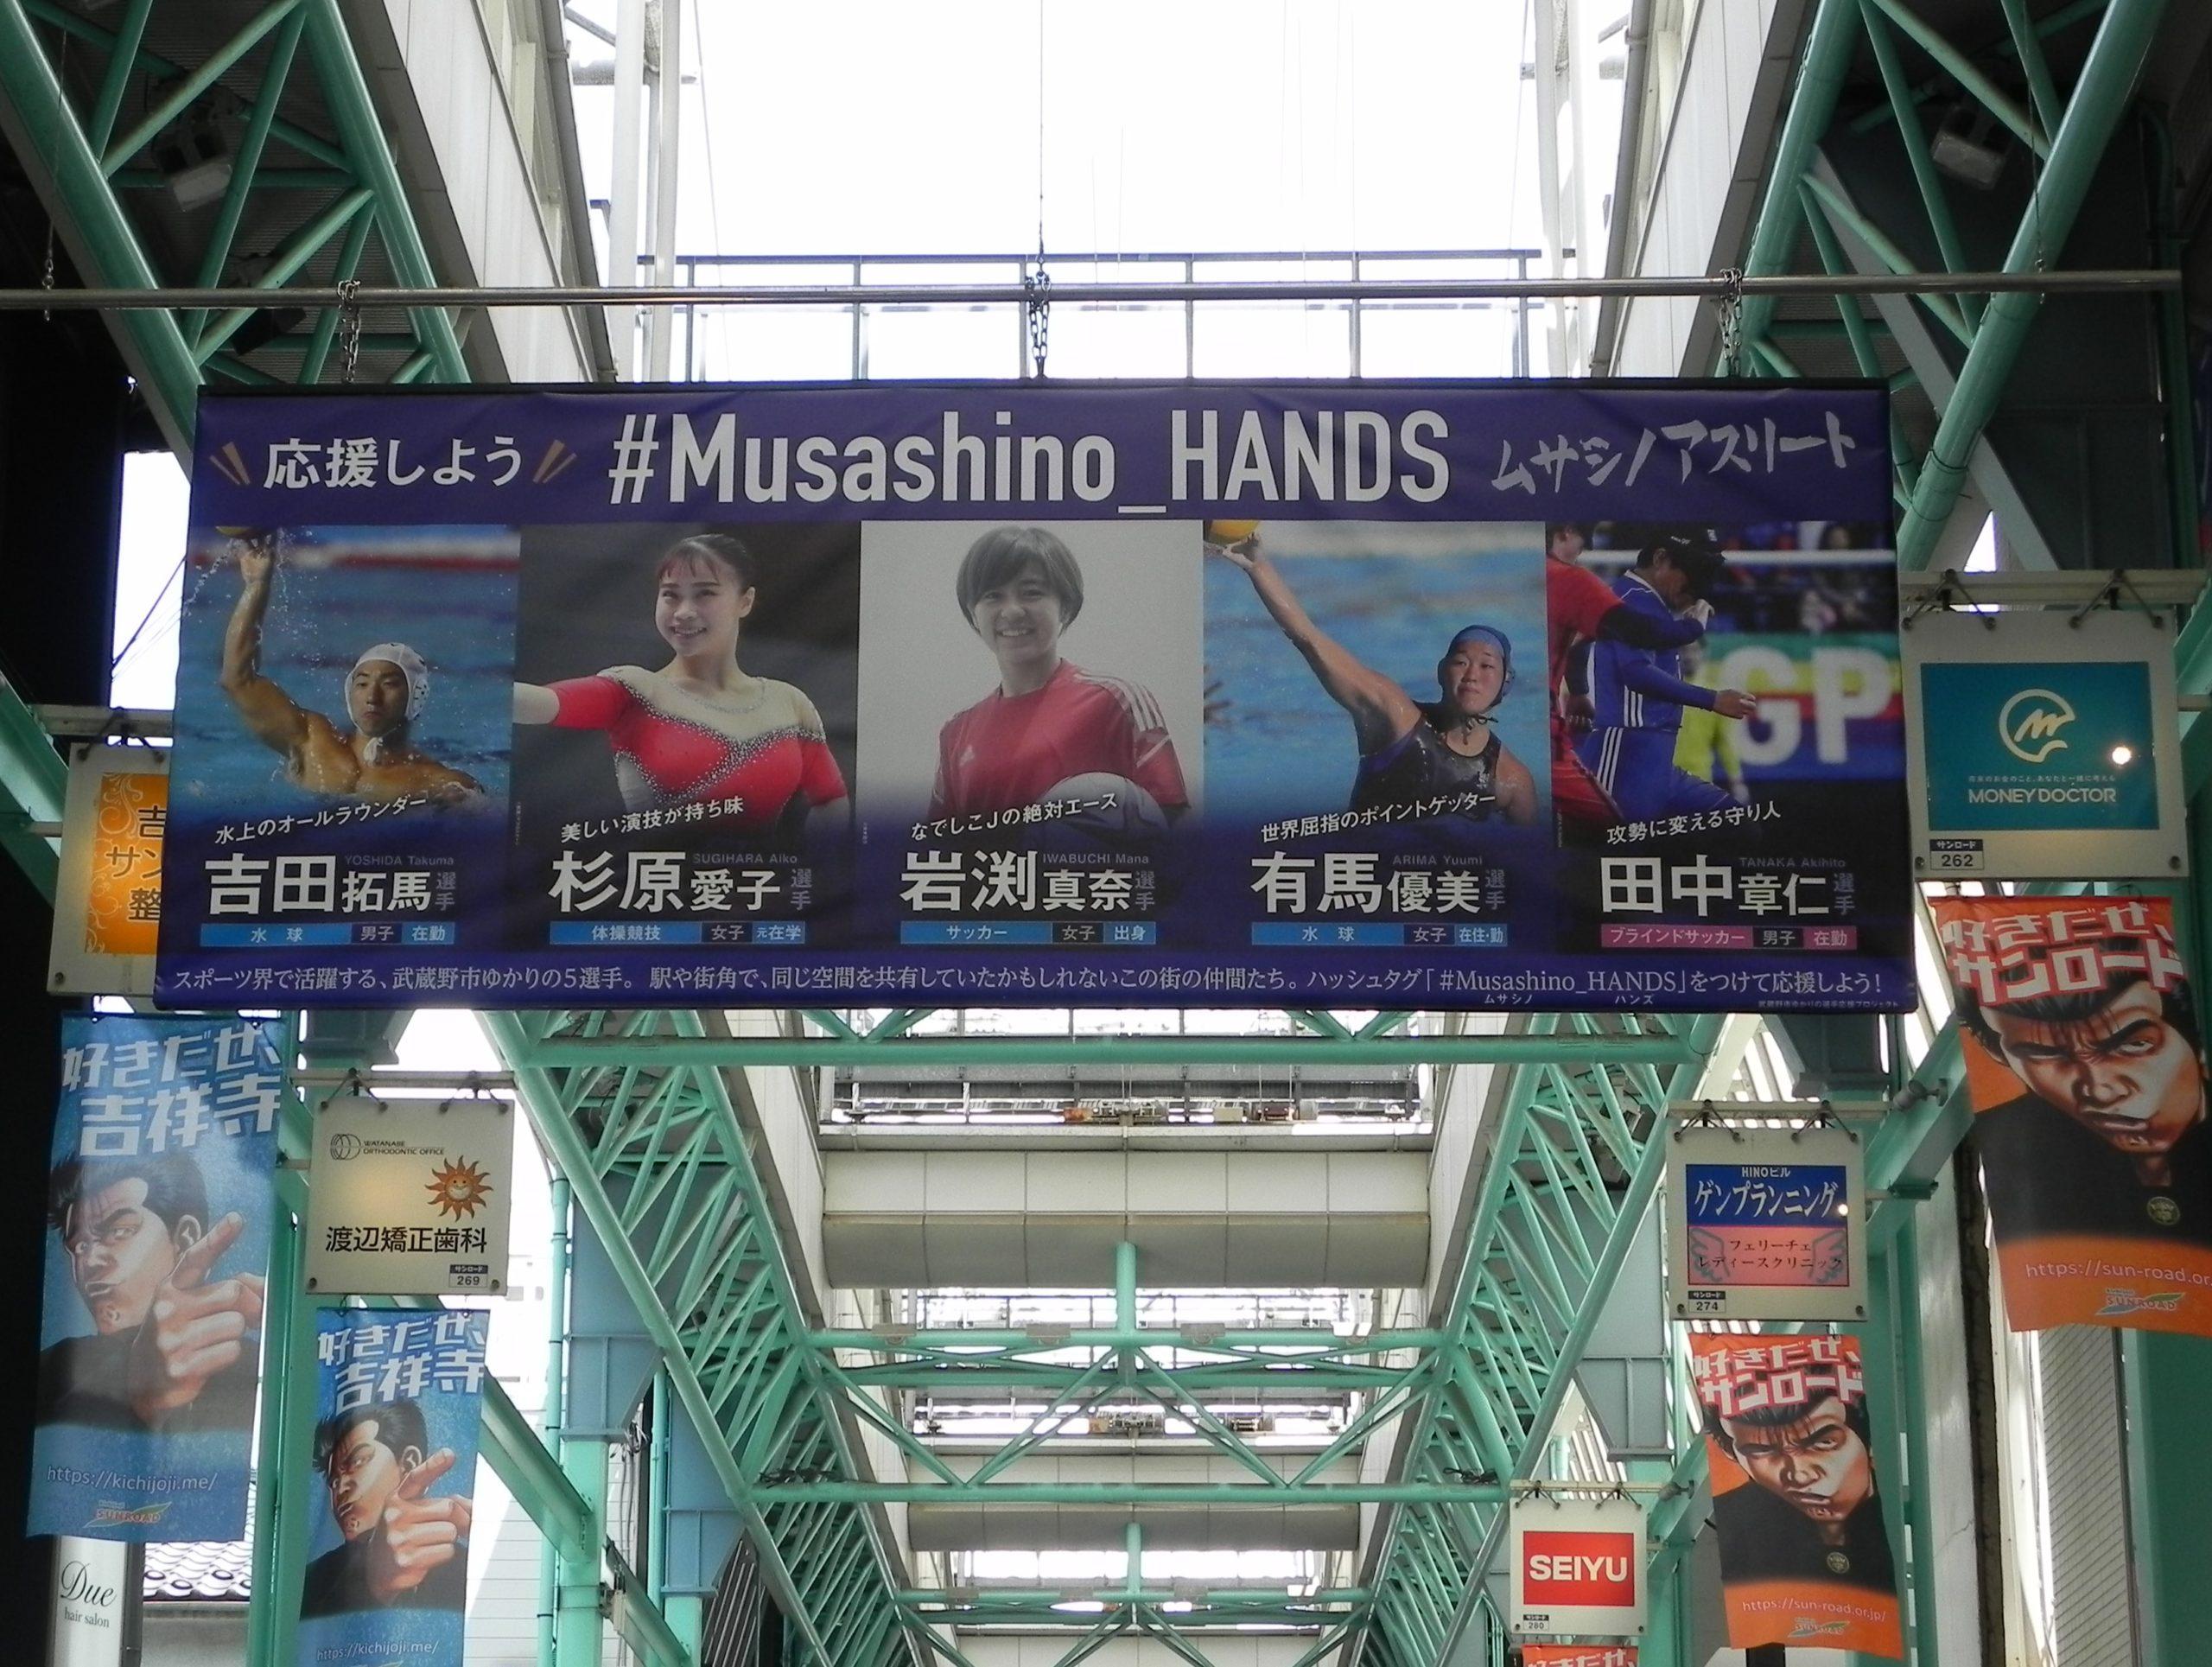 ひときわ大きな声援を~武蔵野市ゆかりの選手5名~